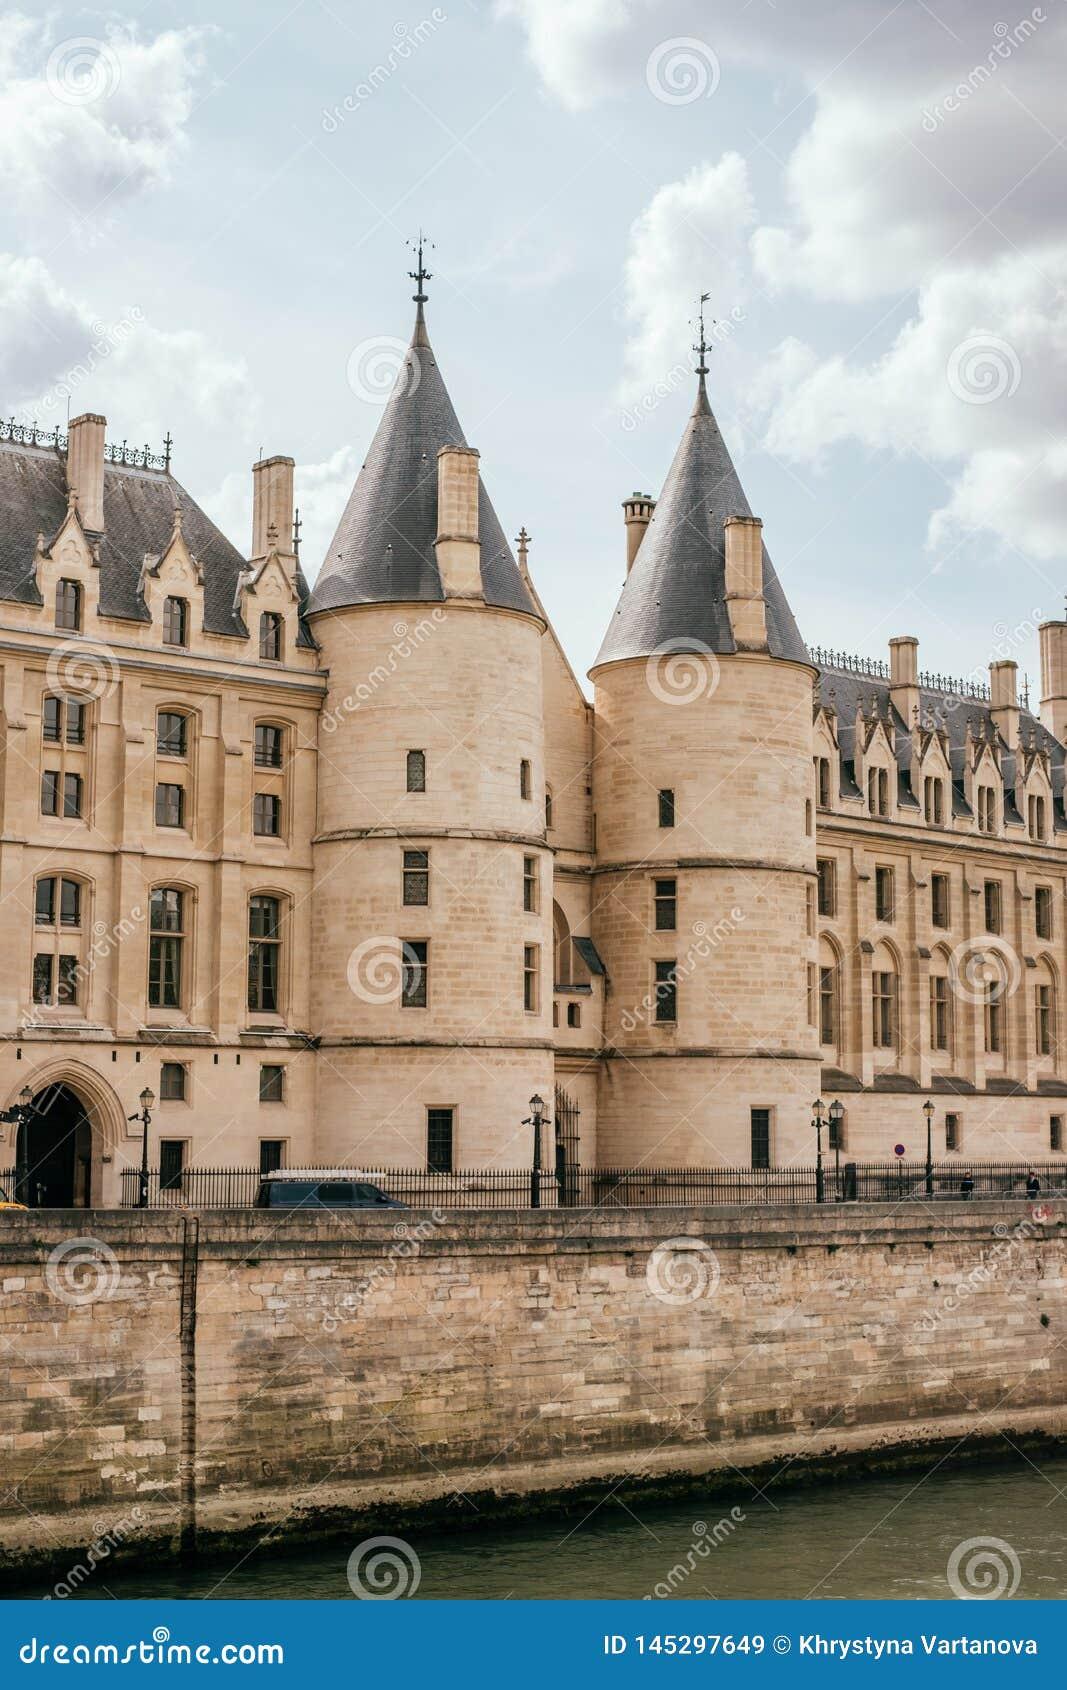 Conciergerie Medieval royal palace